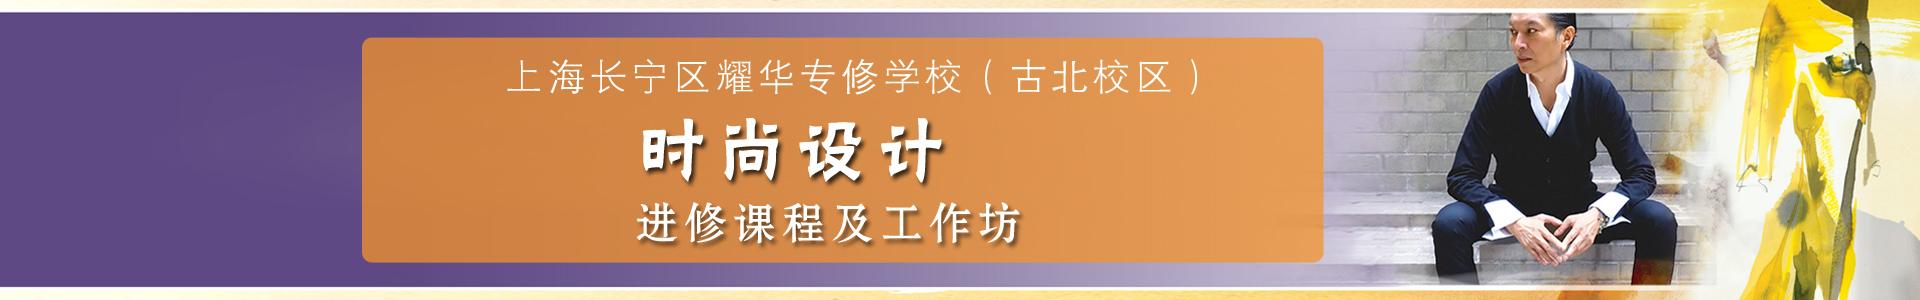 上海耀華國際教育學校